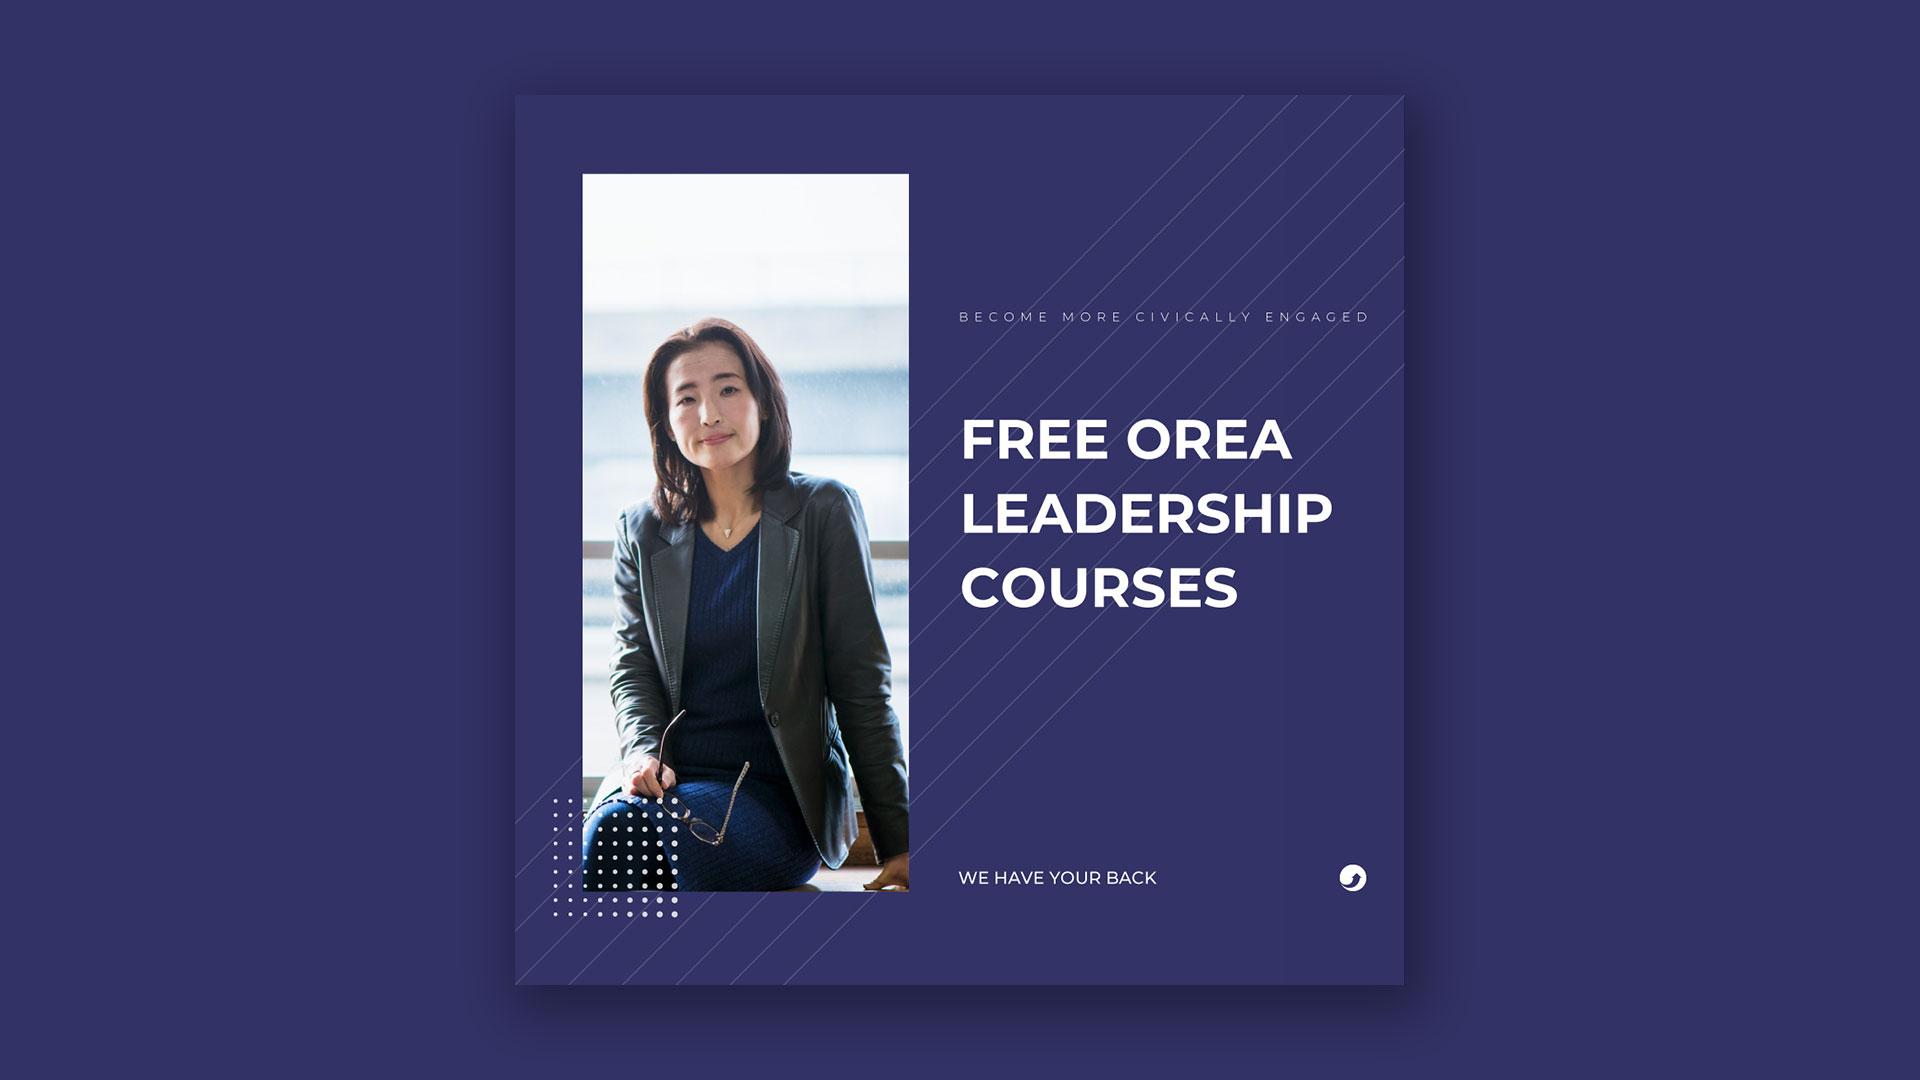 Image of OREA's free leadership courses